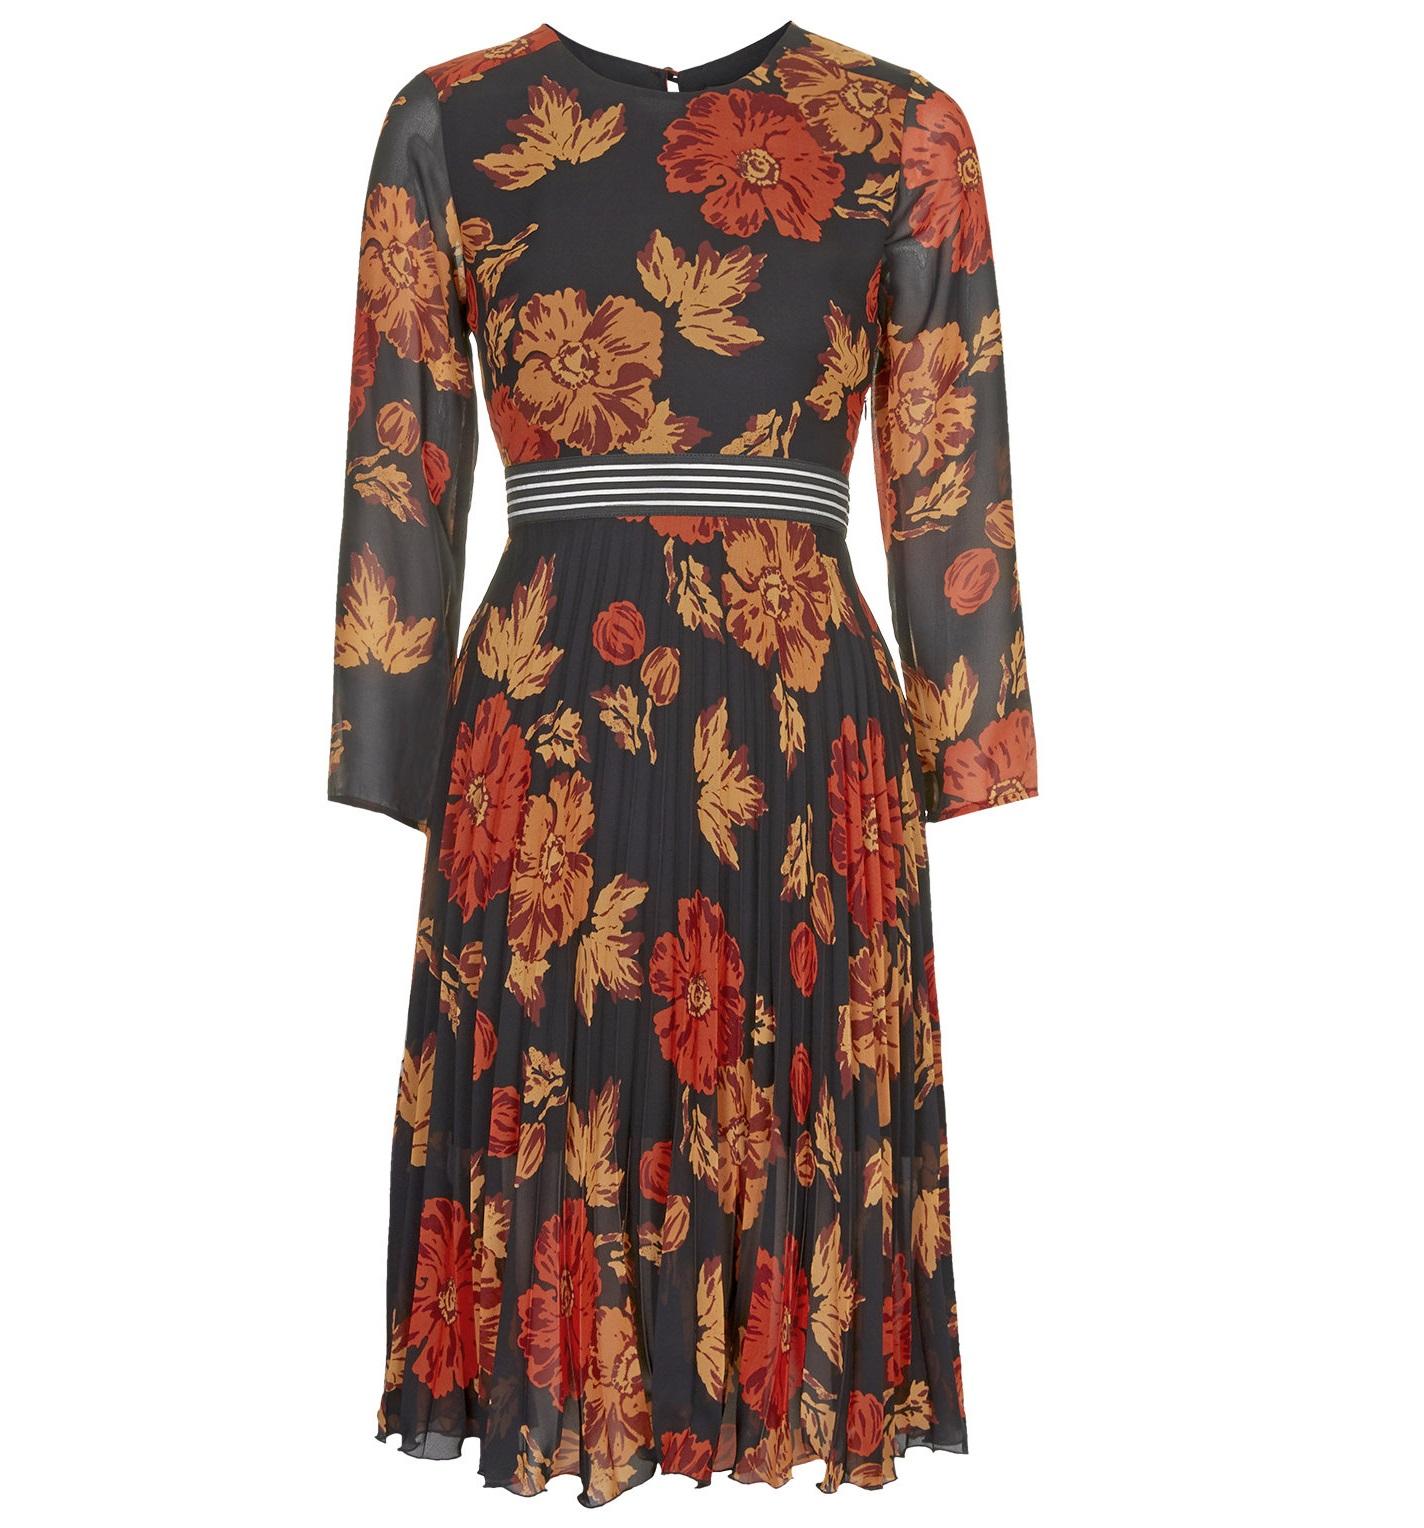 Платье TopShop £68.00 2 Валюта сошла с ума: стоит ли умерить свой шопинг аппетит?